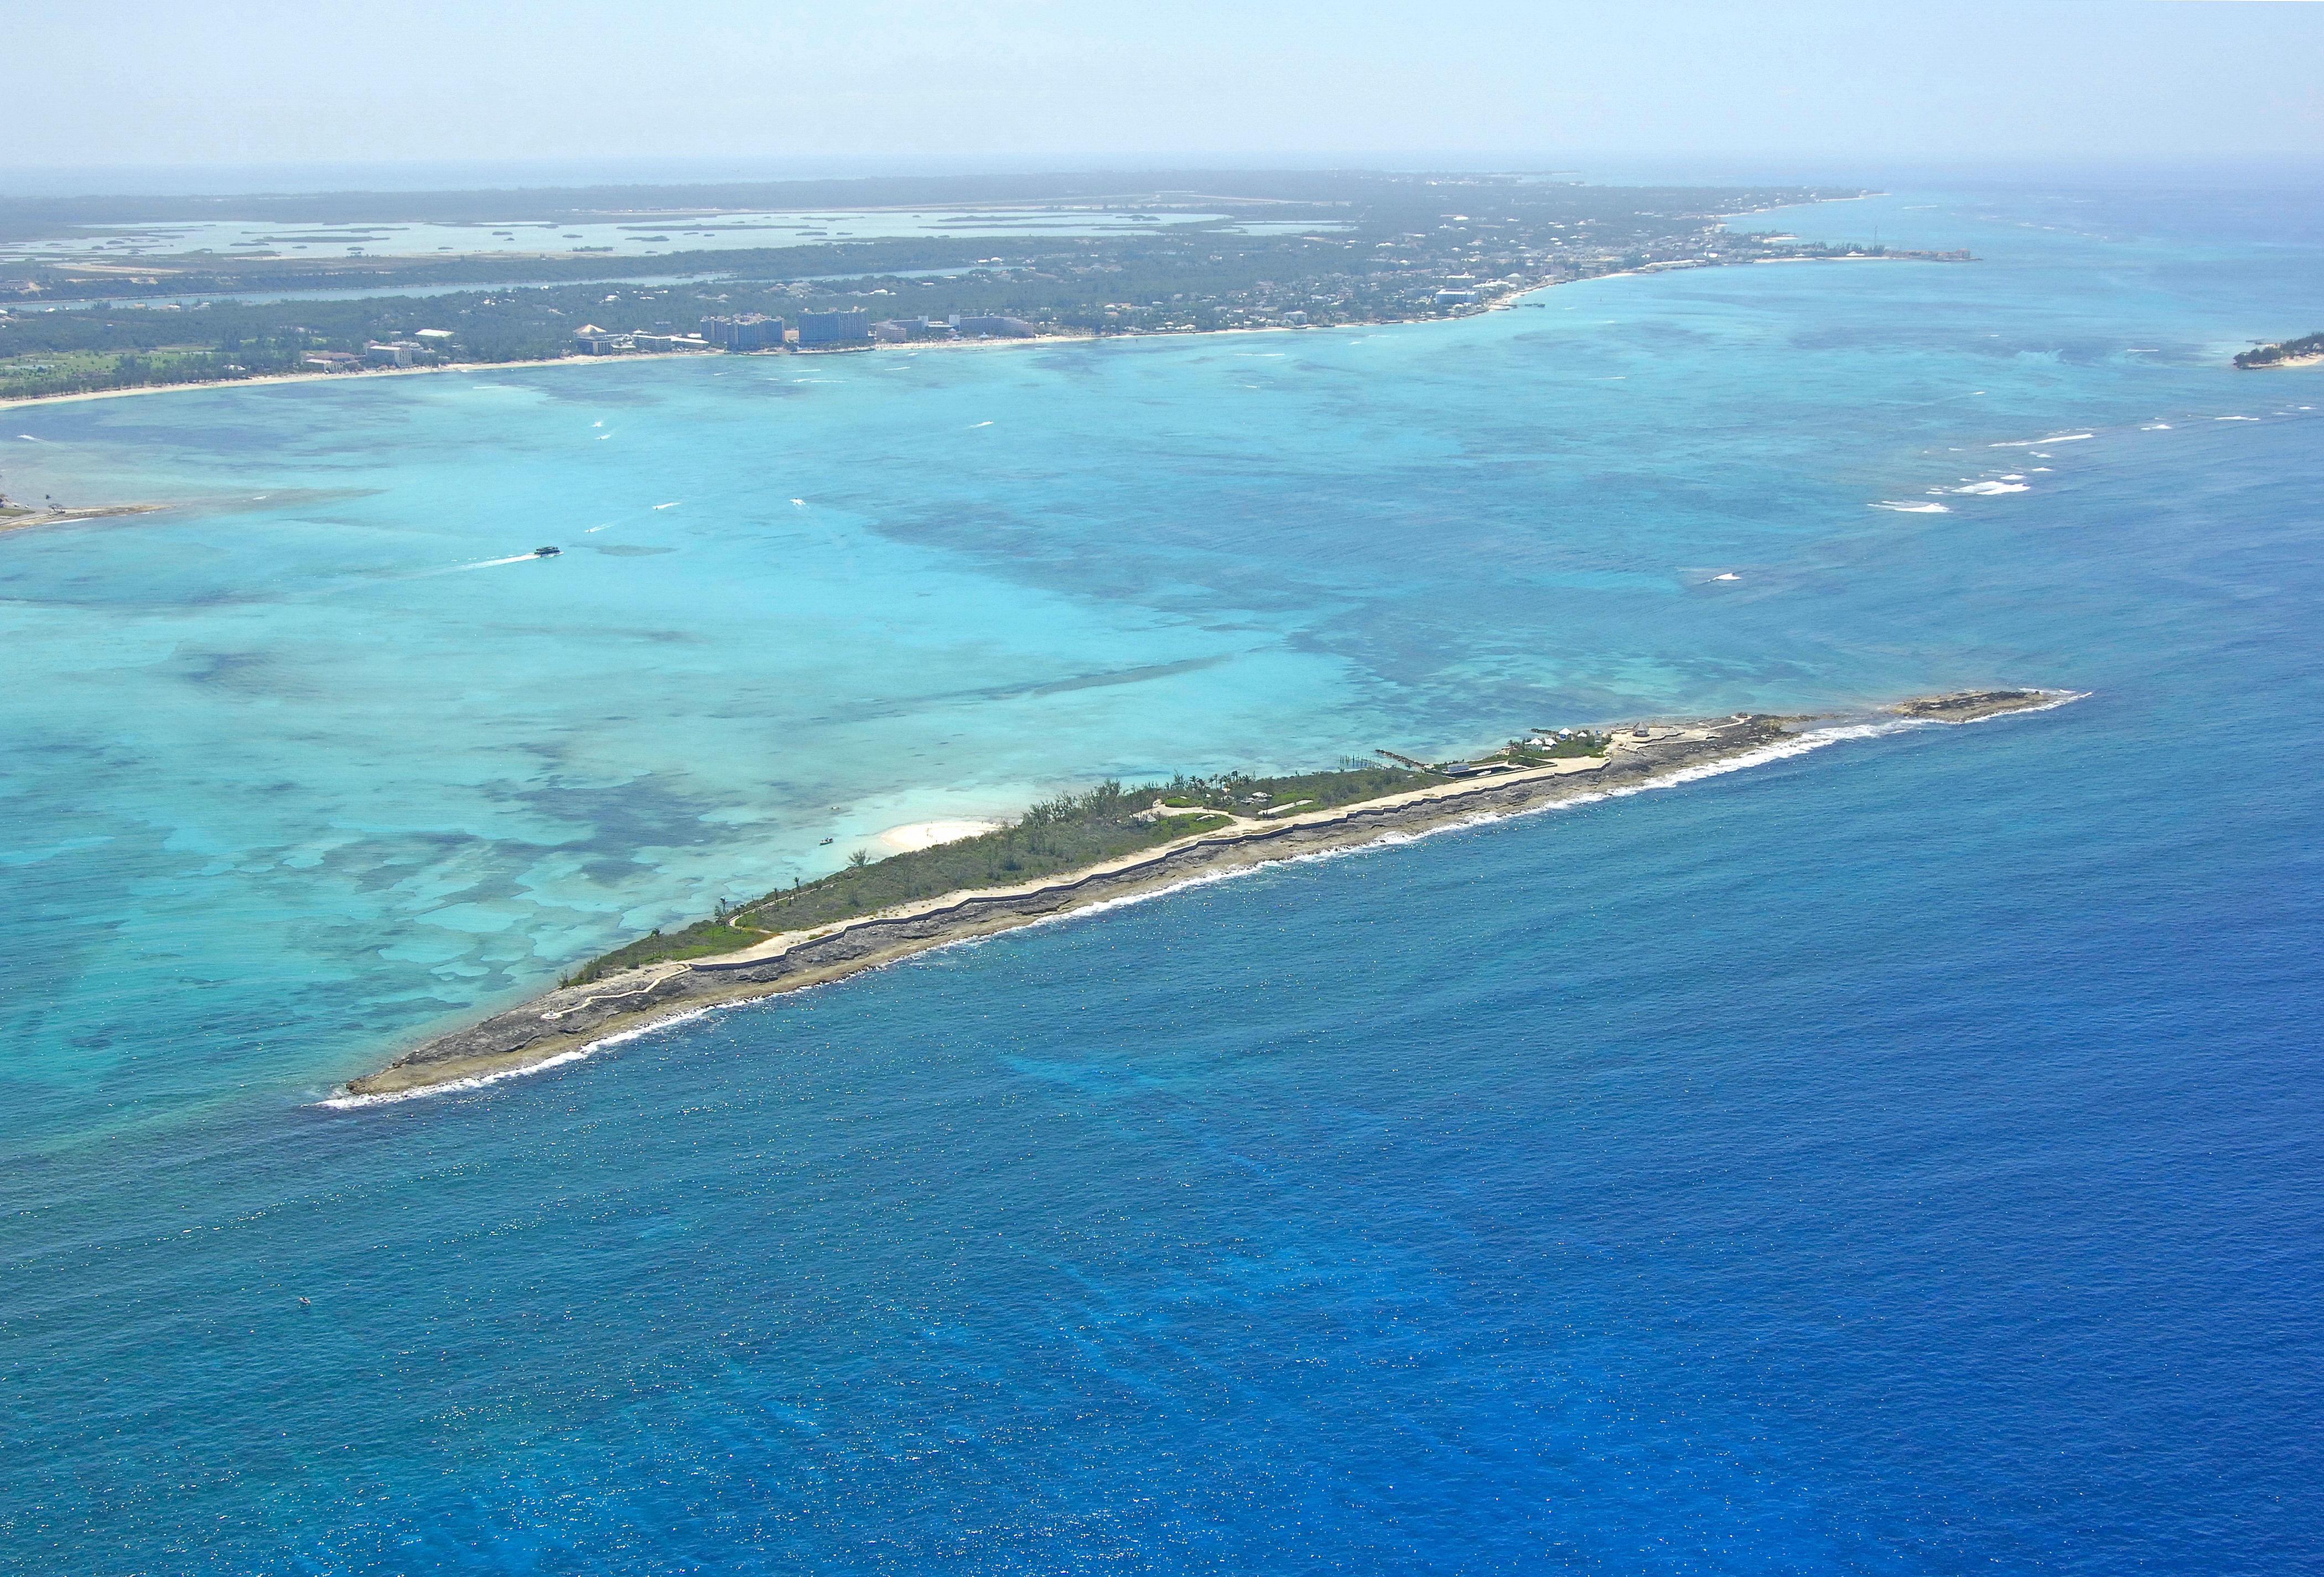 Long Cay Harbor in NP, Bahamas - harbor Reviews - Phone ... Long Island Bahamas Pictures on andros, bahamas, eleuthera bahamas, abaco bahamas, matthew town bahamas, san salvador bahamas, harbour island bahamas, ragged island, dean's blue hole, grand bahama, green turtle cay bahamas, paradise island, new providence, crooked island, hope town bahamas, inagua bahamas, grand cay bahamas, clarence town bahamas, freeport bahamas, rum cay bahamas, spanish wells bahamas, deadman's cay bahamas, cat island, berry islands, exuma bahamas, cat island bahamas, the bahamas, andros bahamas, ragged island bahamas, nassau bahamas, rum cay, half moon cay bahamas,